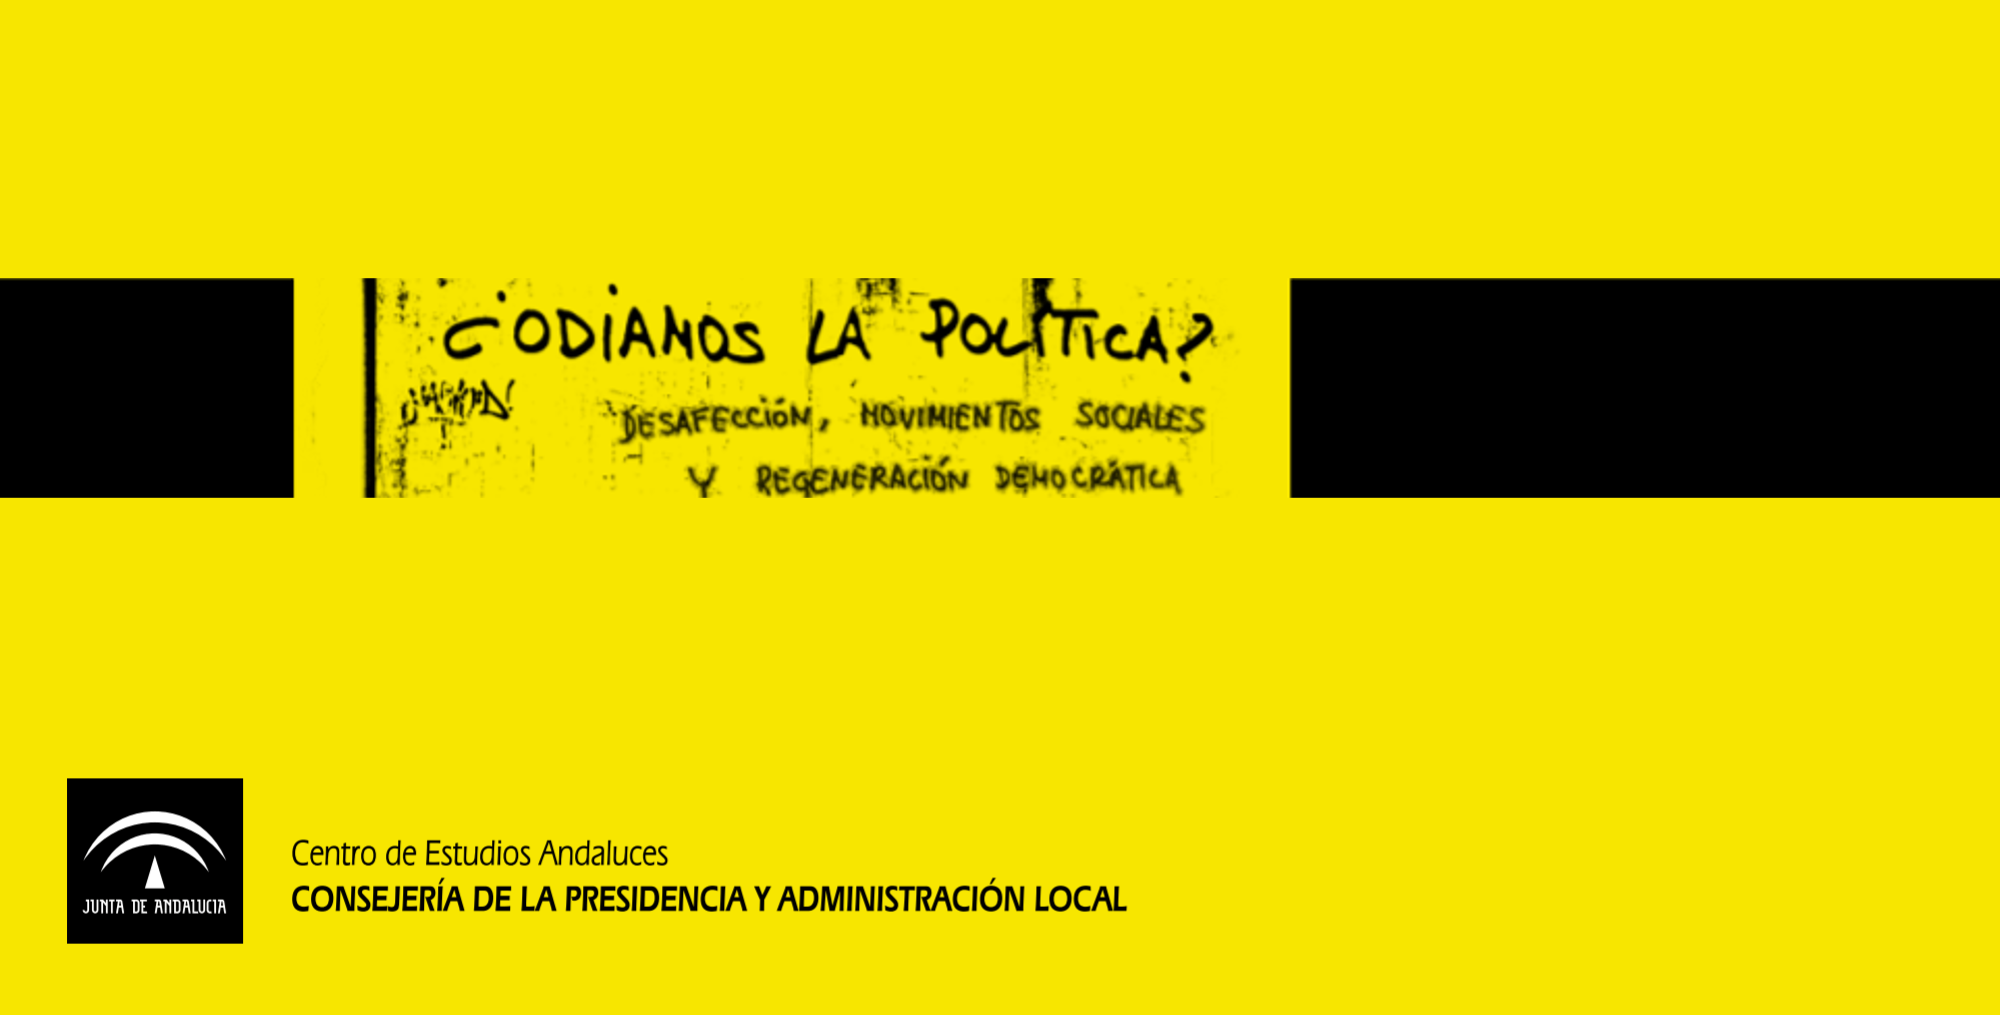 Imagen de la noticia ¿Odiamos la política?